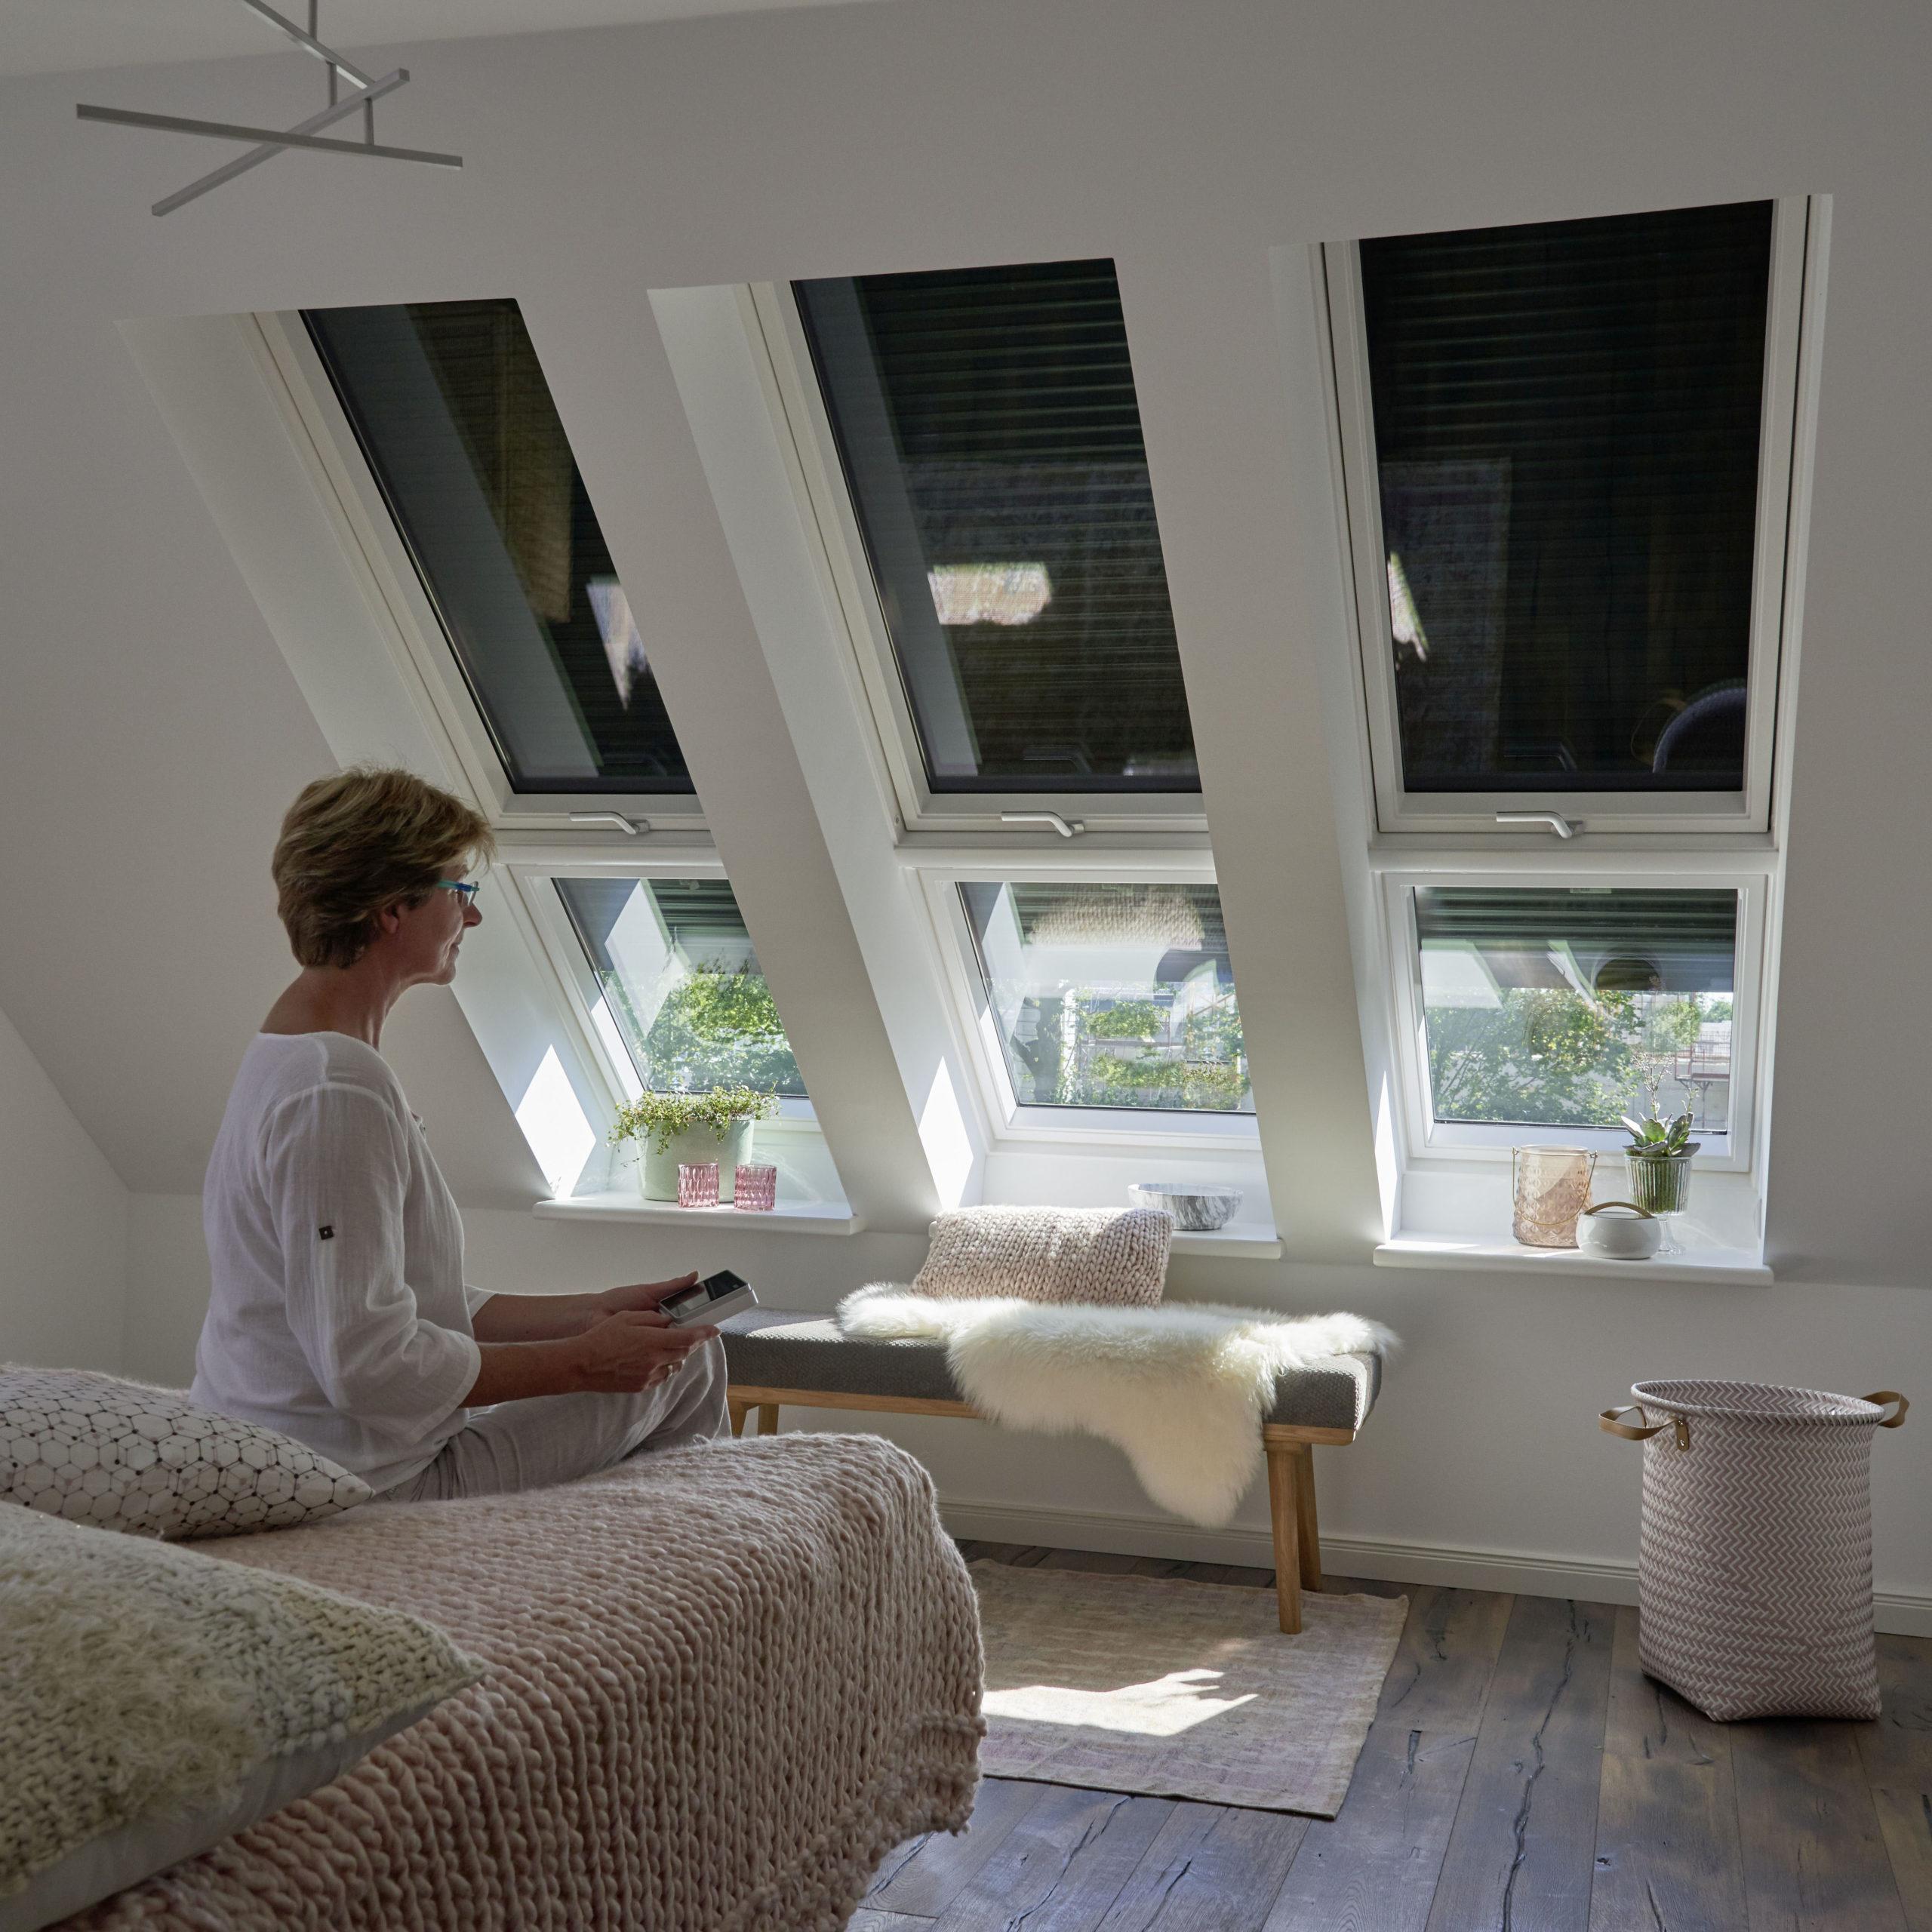 Raum-Klimageräte im Dachgeschoss